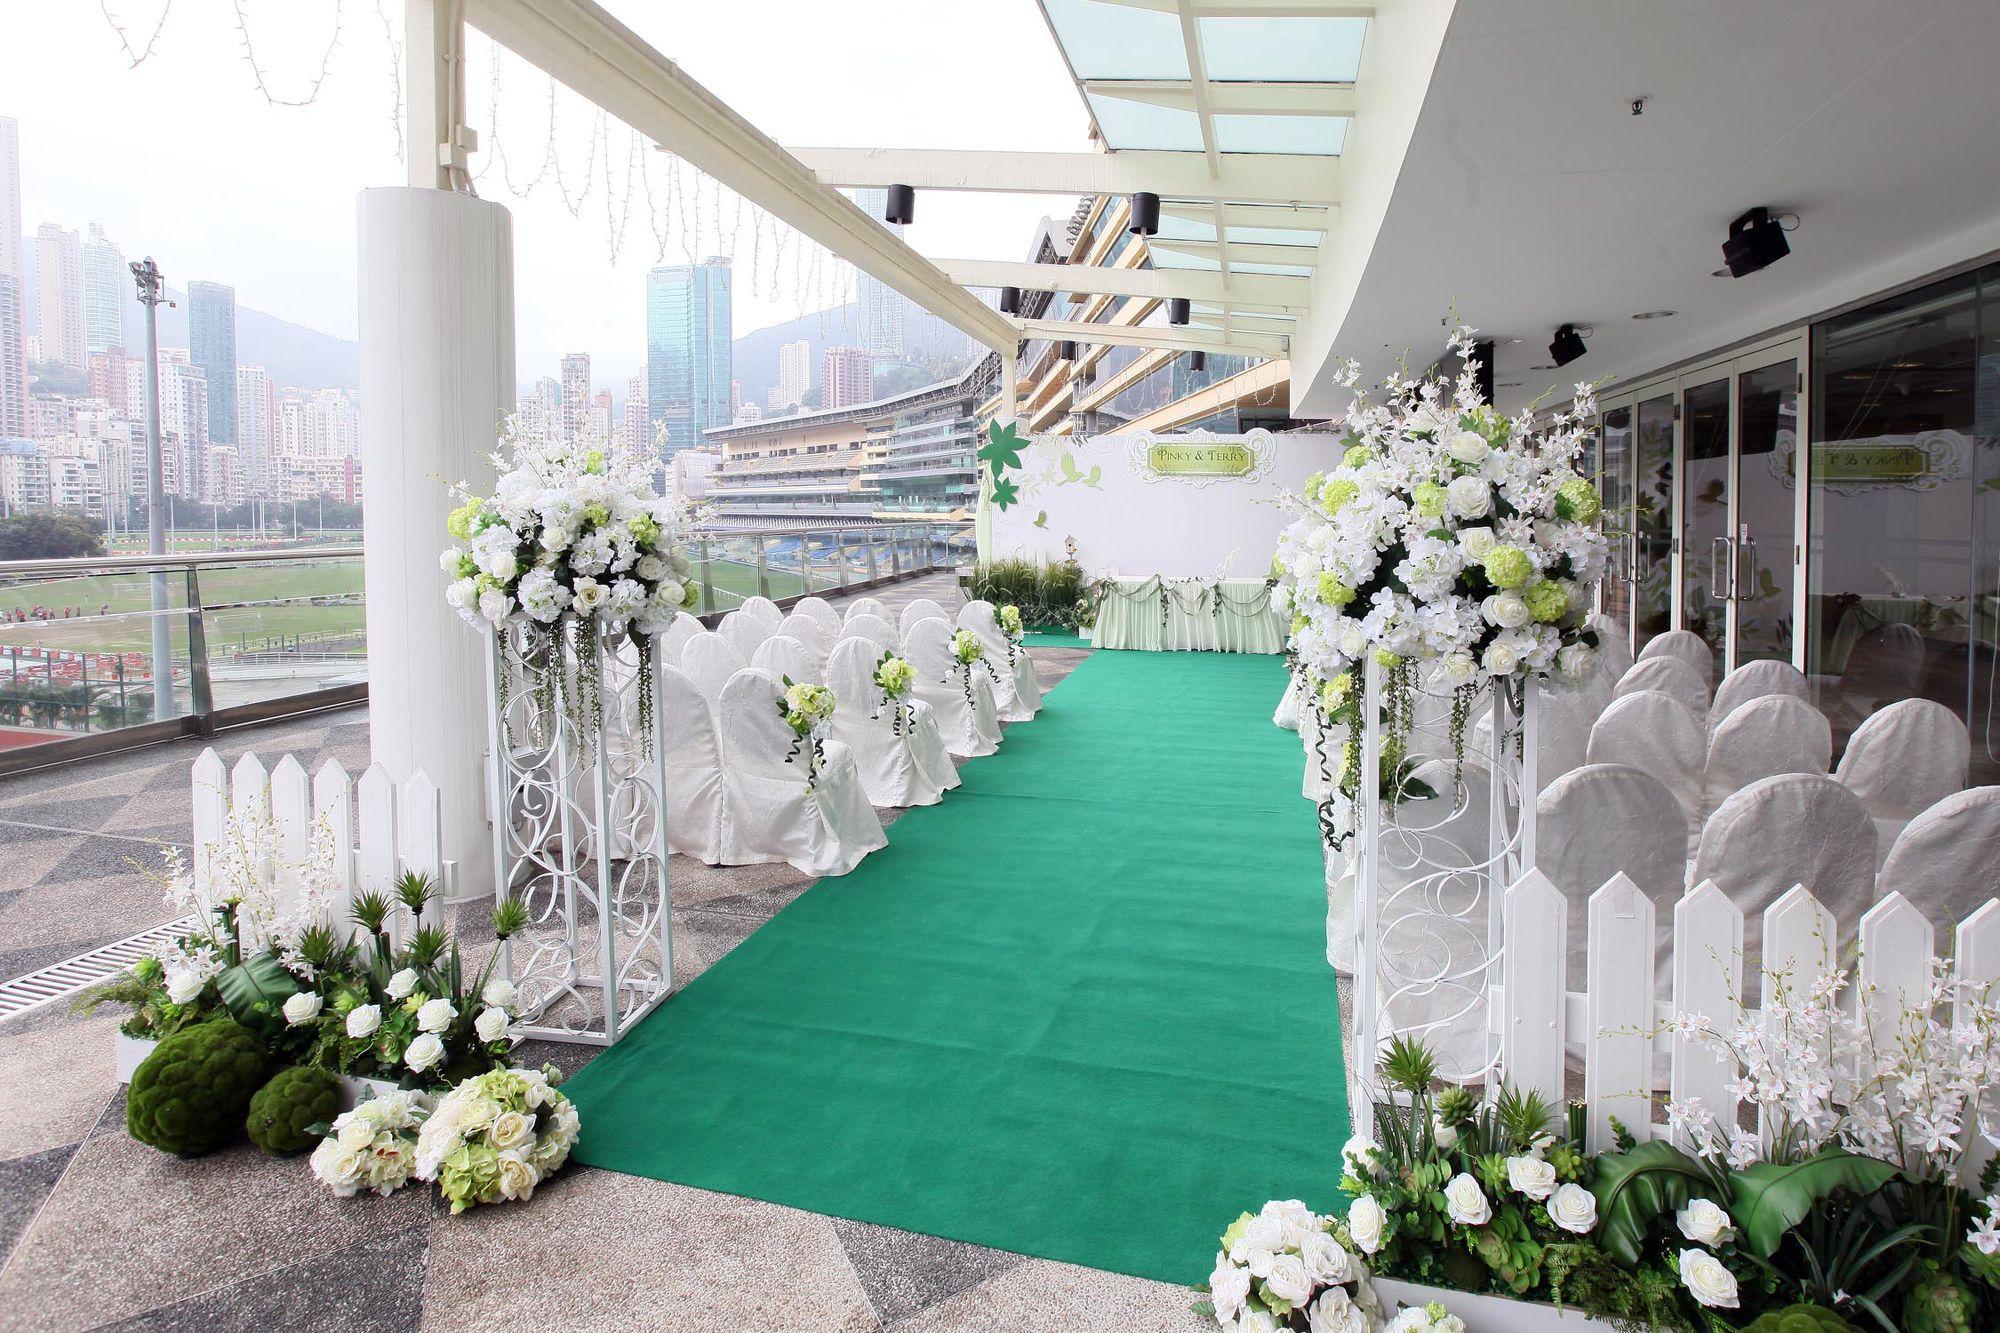 Racecourse Wedding Fair Photo Release